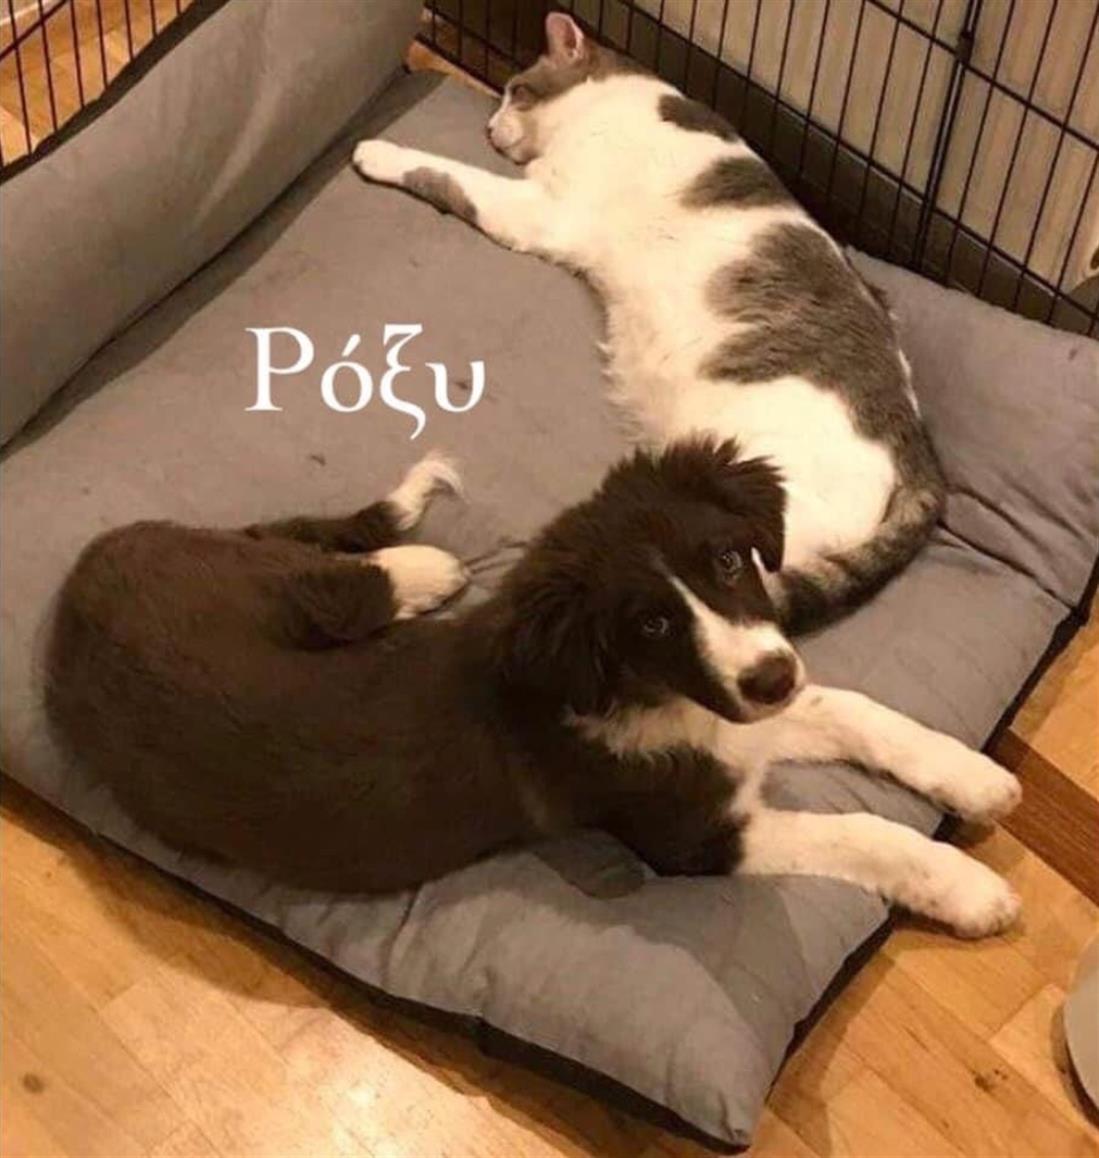 Γλυκά Νερά - Σκύλος - Ρόξυ